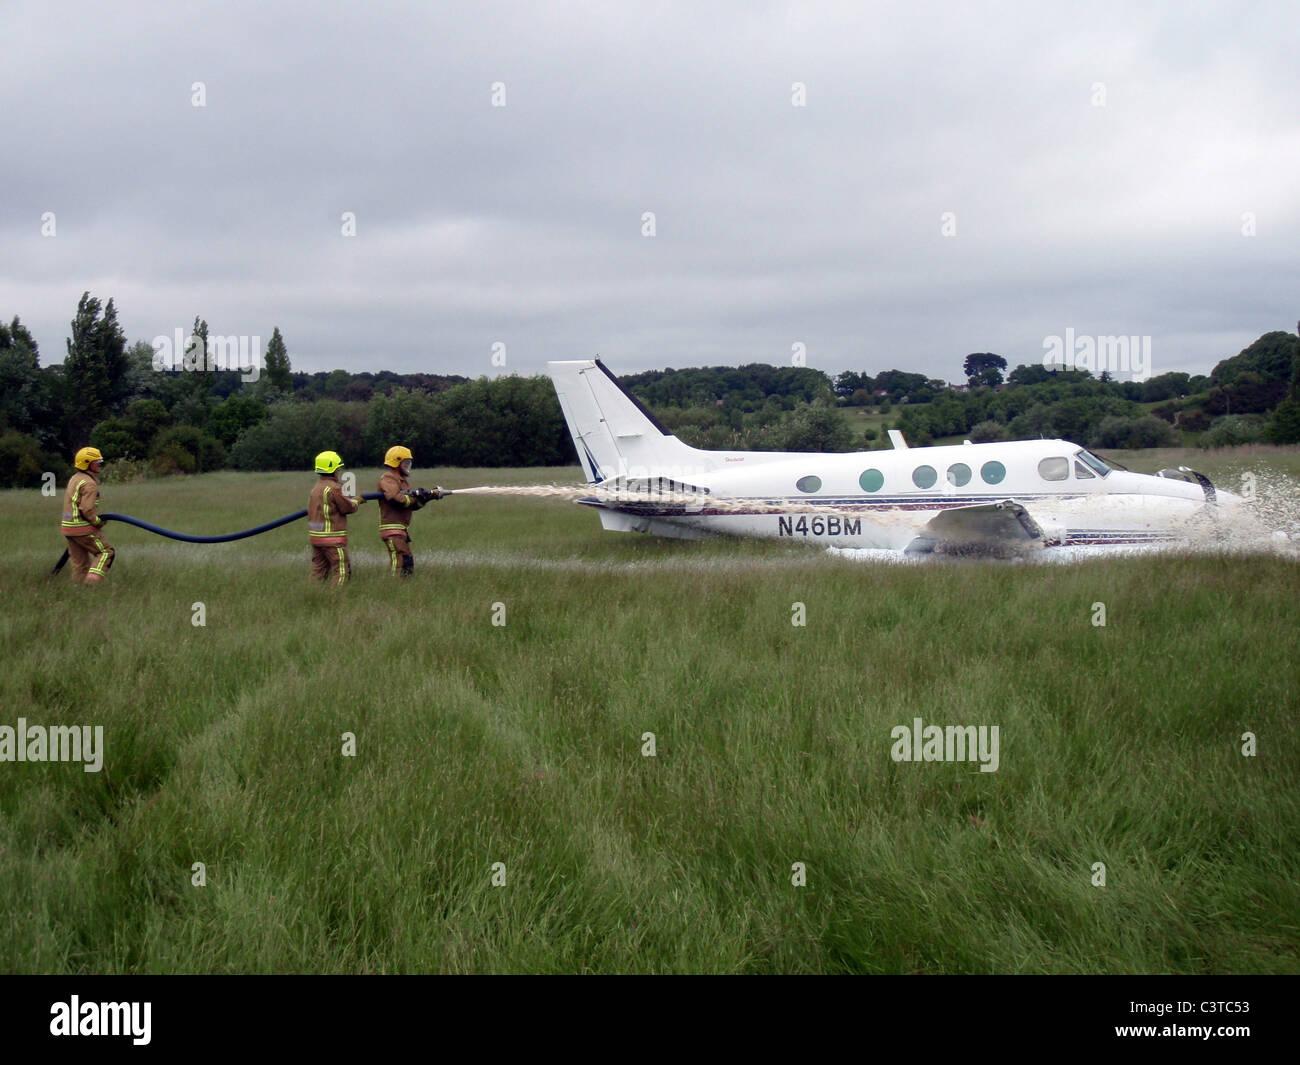 UK, Aircraft incident close to Hurn airport, Dorset. - Stock Image